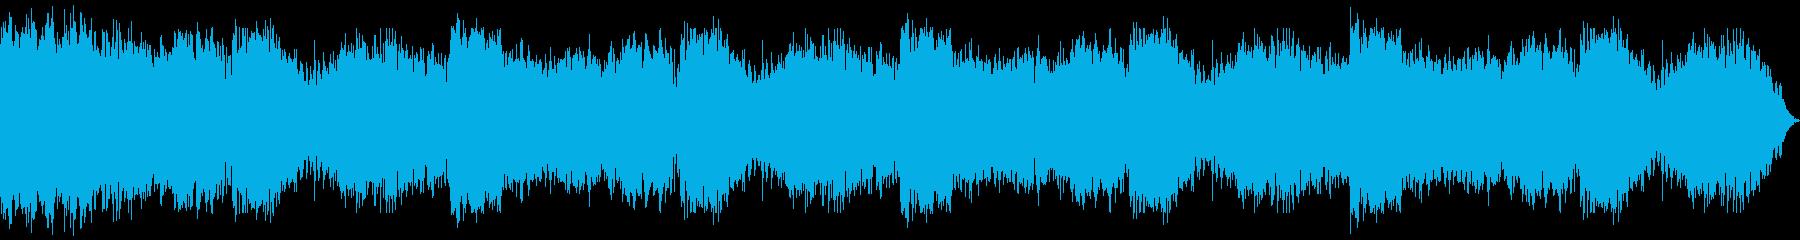 ギタースラッシングホラーの再生済みの波形